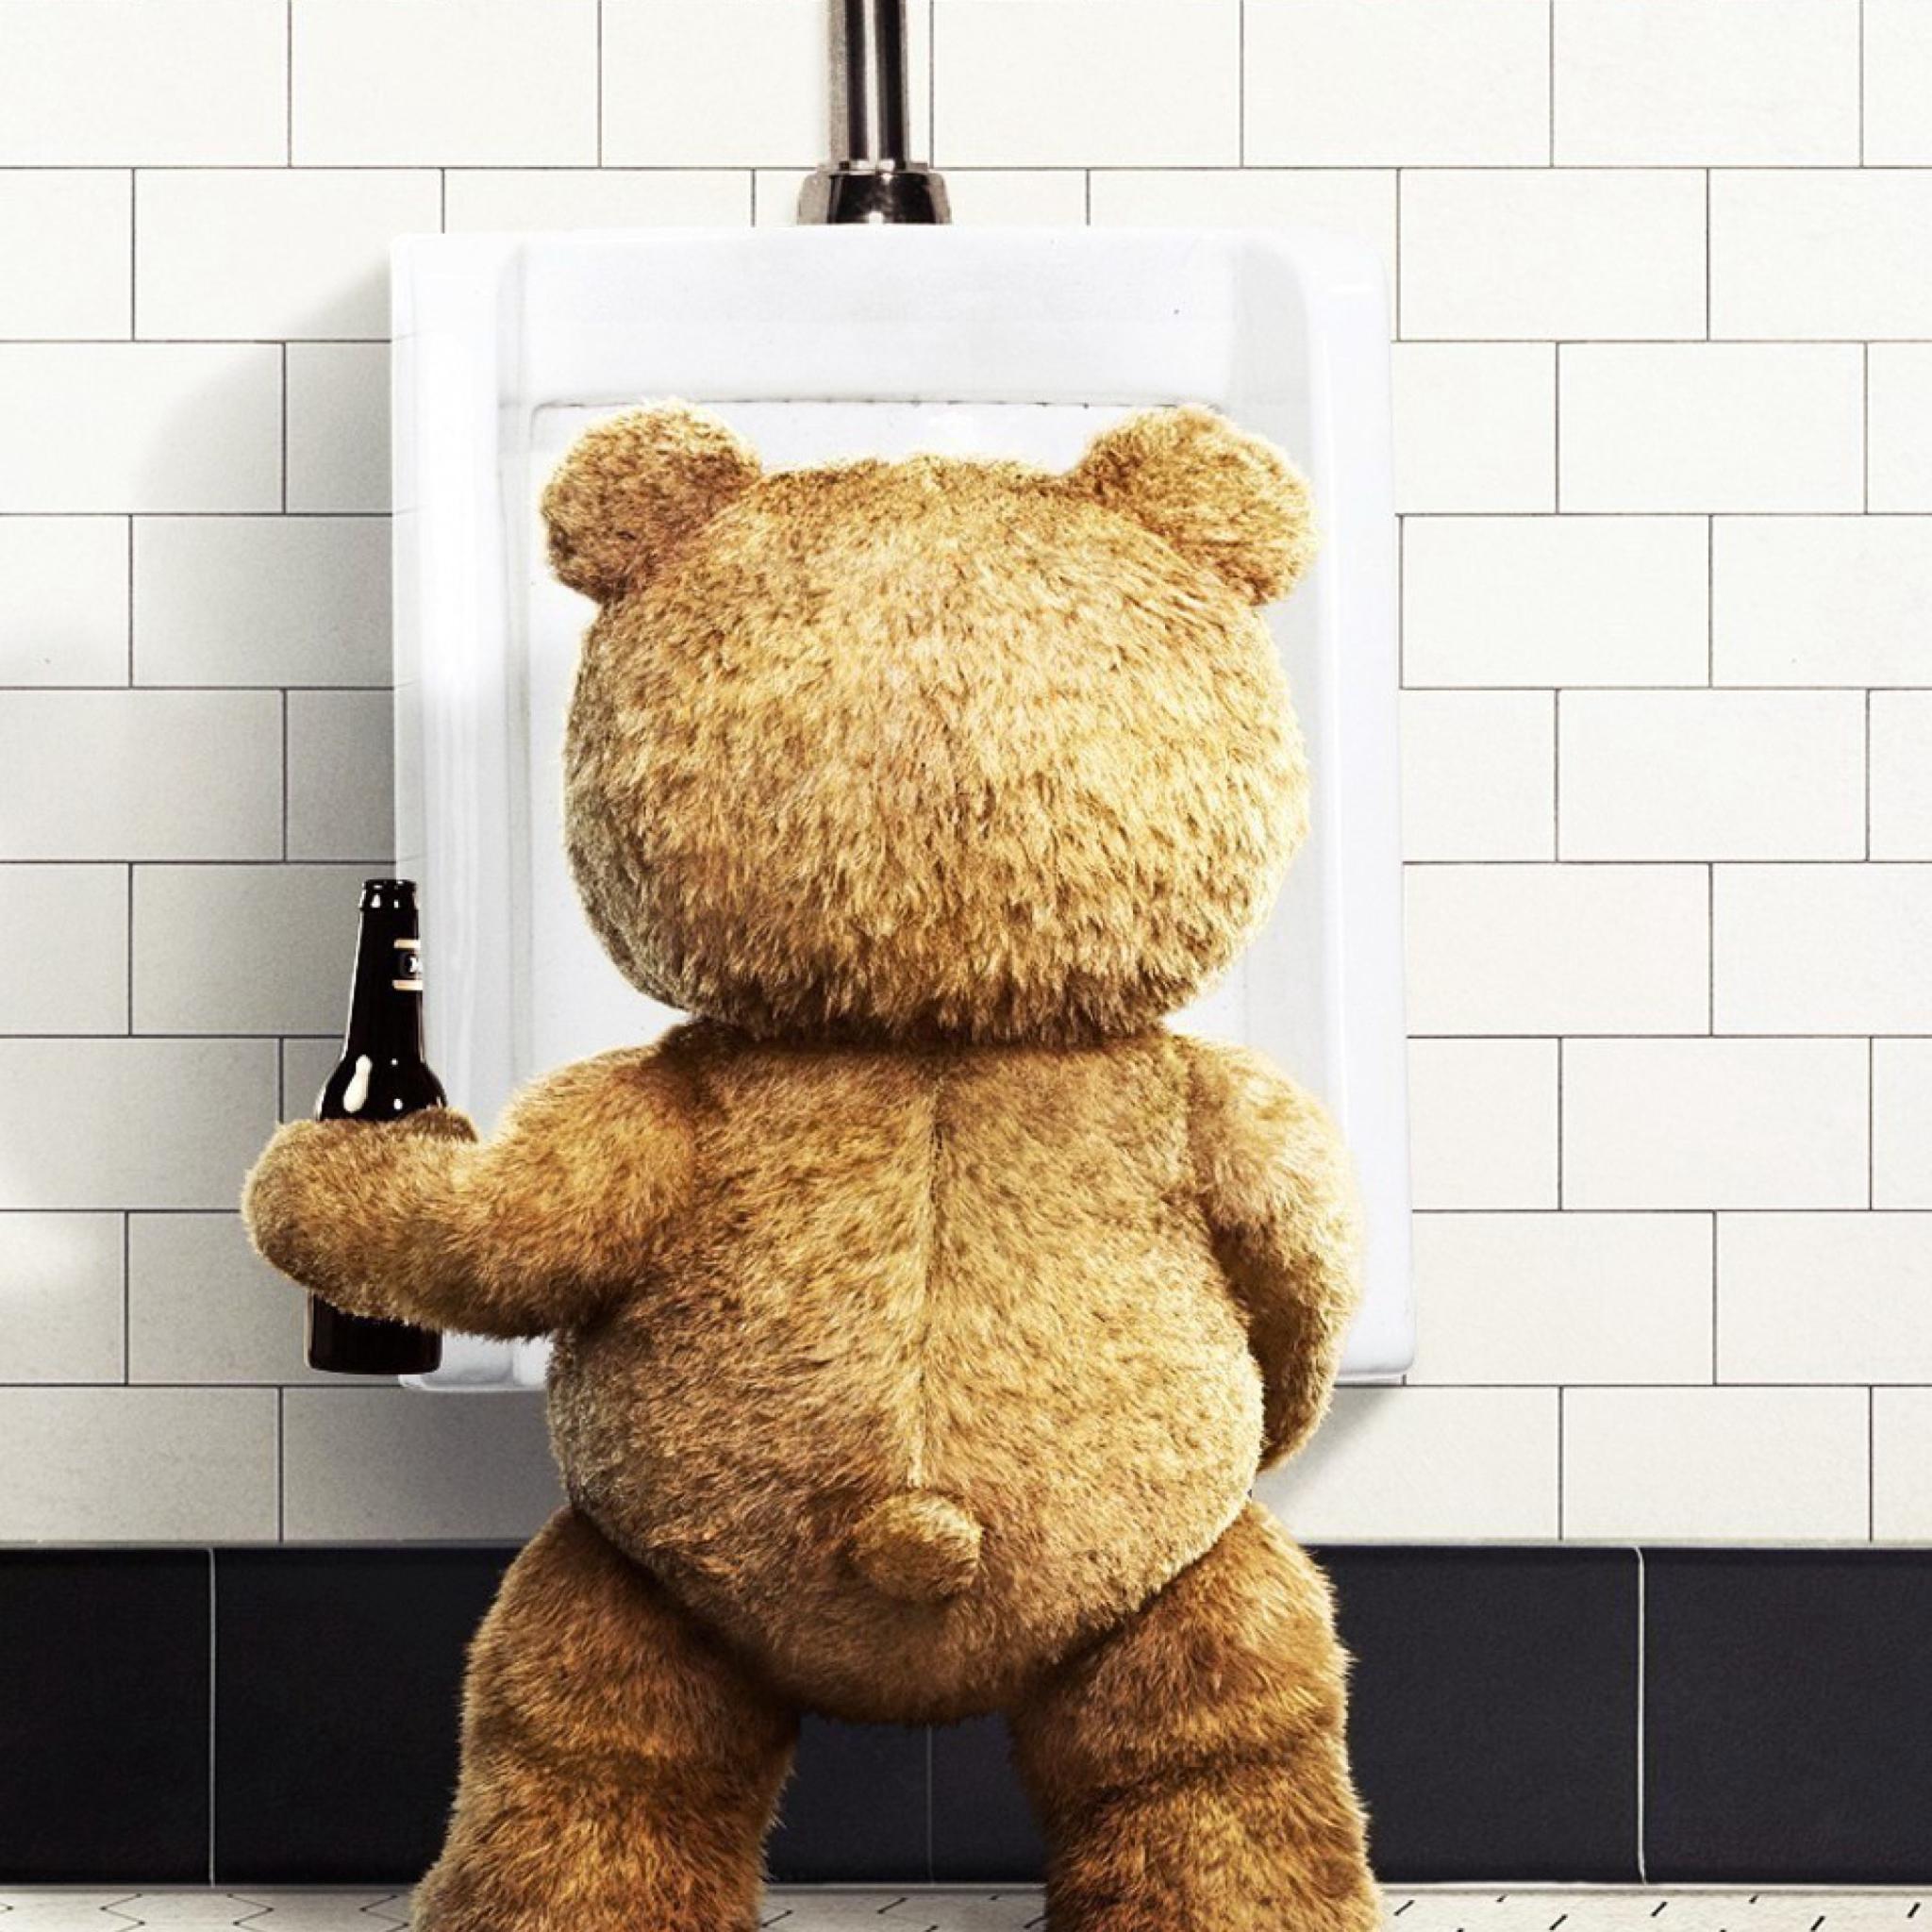 Валерка желейный медведь обои на рабочий стол